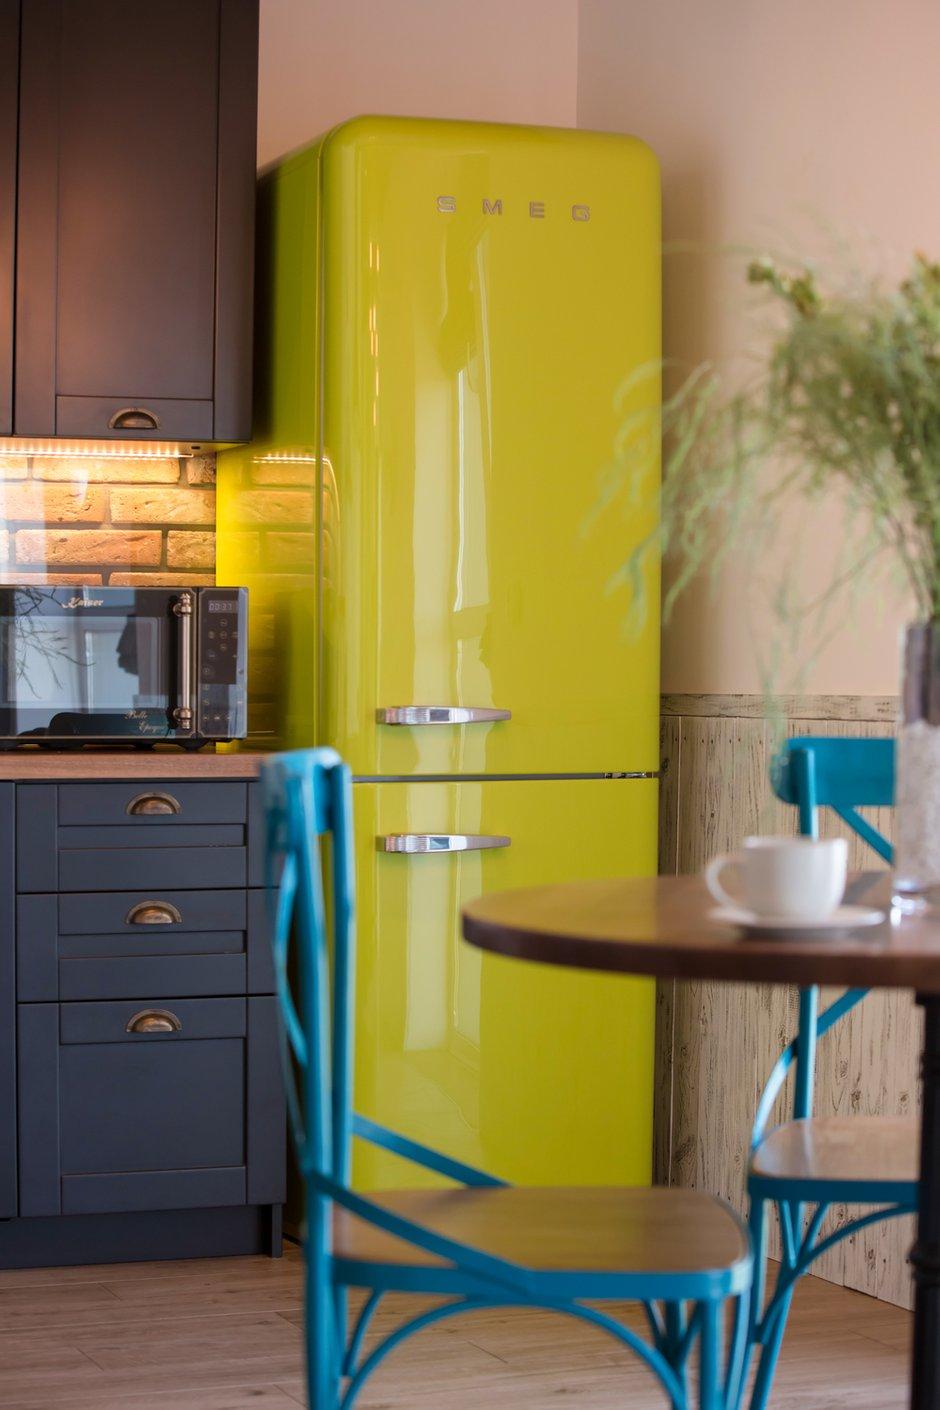 Фотография: Кухня и столовая в стиле Лофт, Квартира, Украина, Проект недели, Монолитный дом, 3 комнаты, 60-90 метров, Роман Луценко, Днепр – фото на INMYROOM